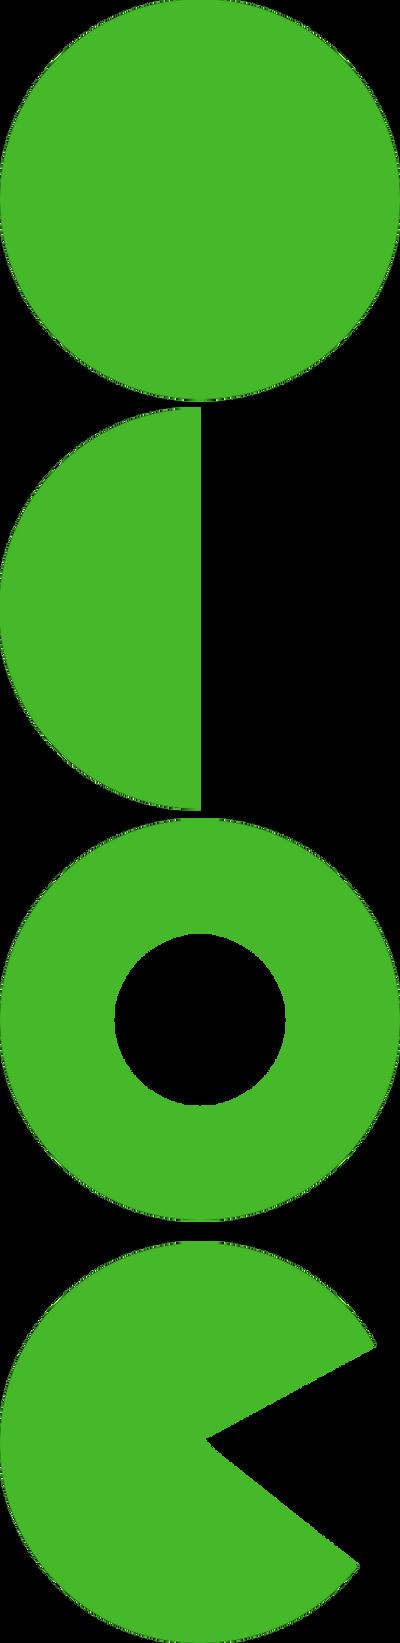 Thegreendot (new emblem) by ajaxtorbin